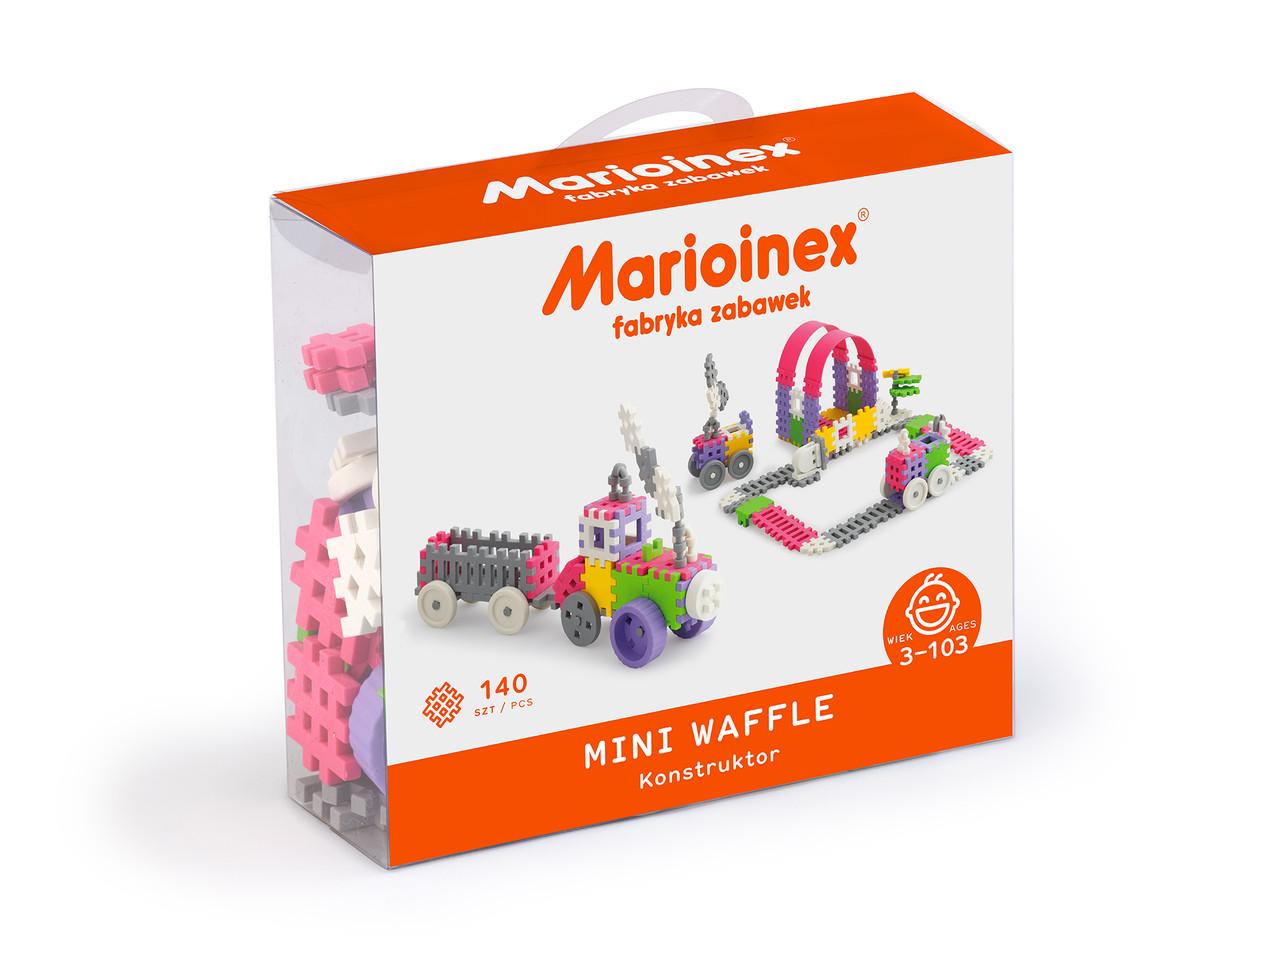 Мини вафли, конструктор для девочек Marioinex